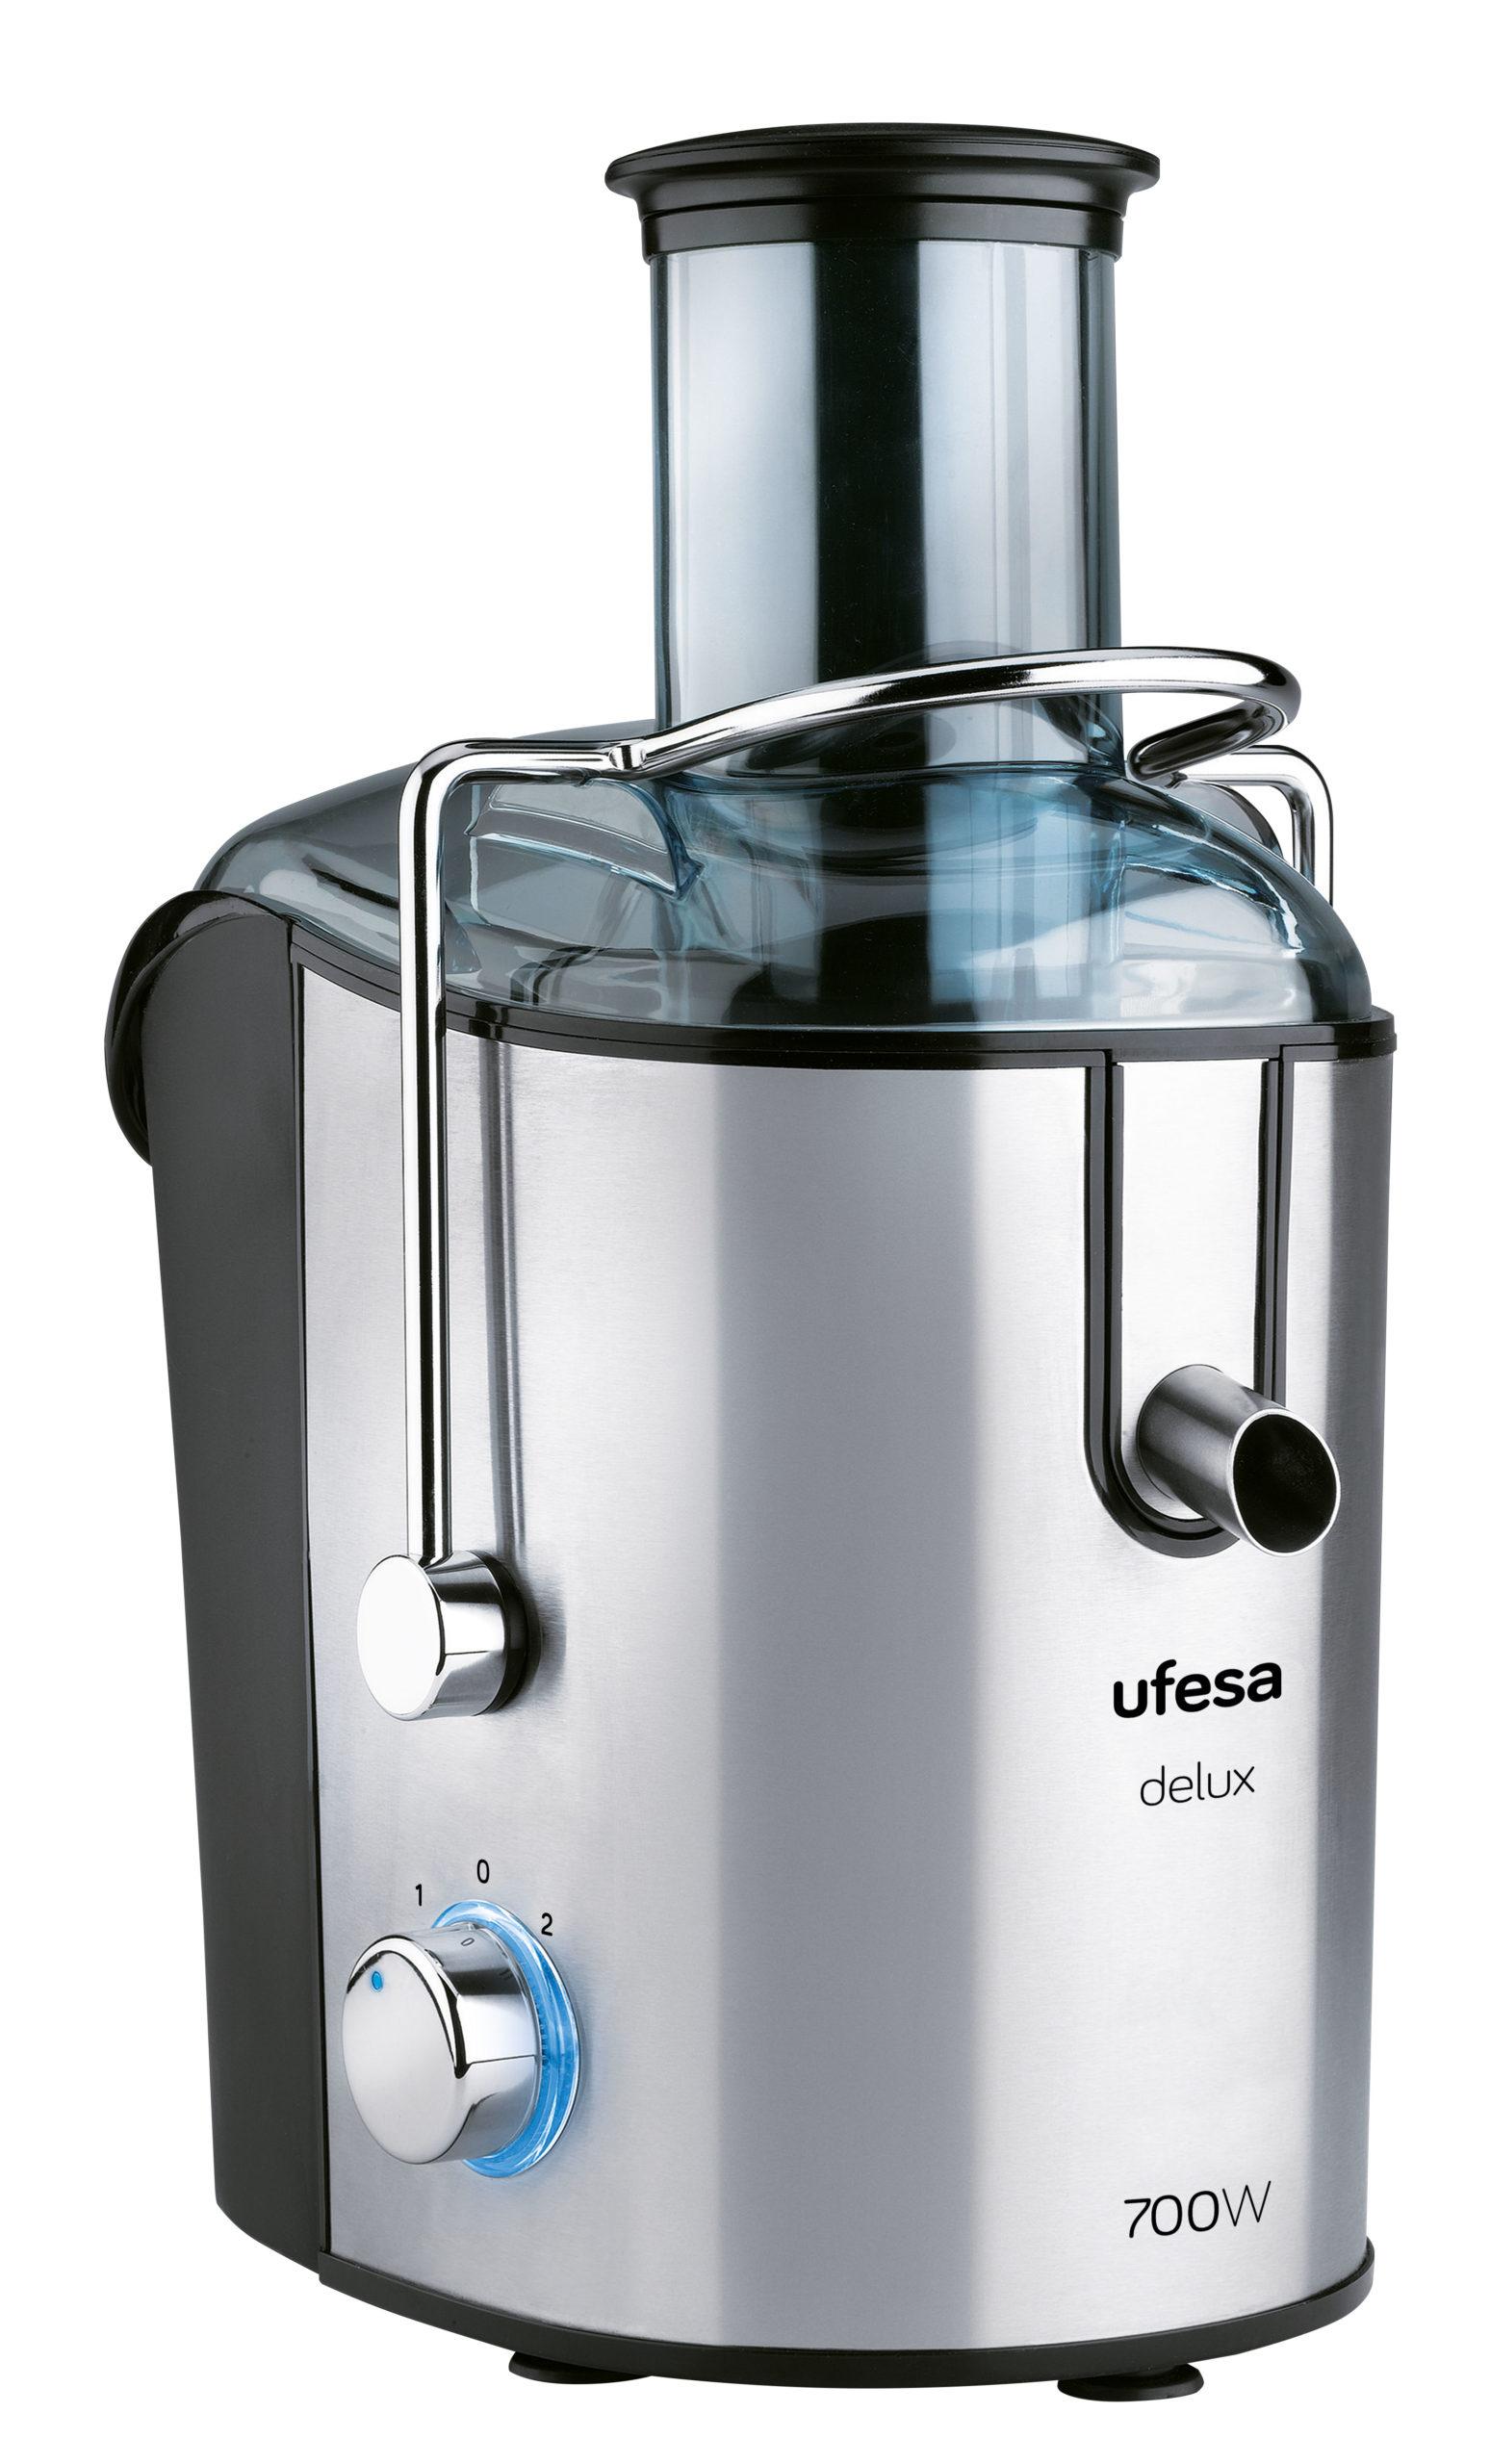 Ufesa. Implantación de nueva marca en productos